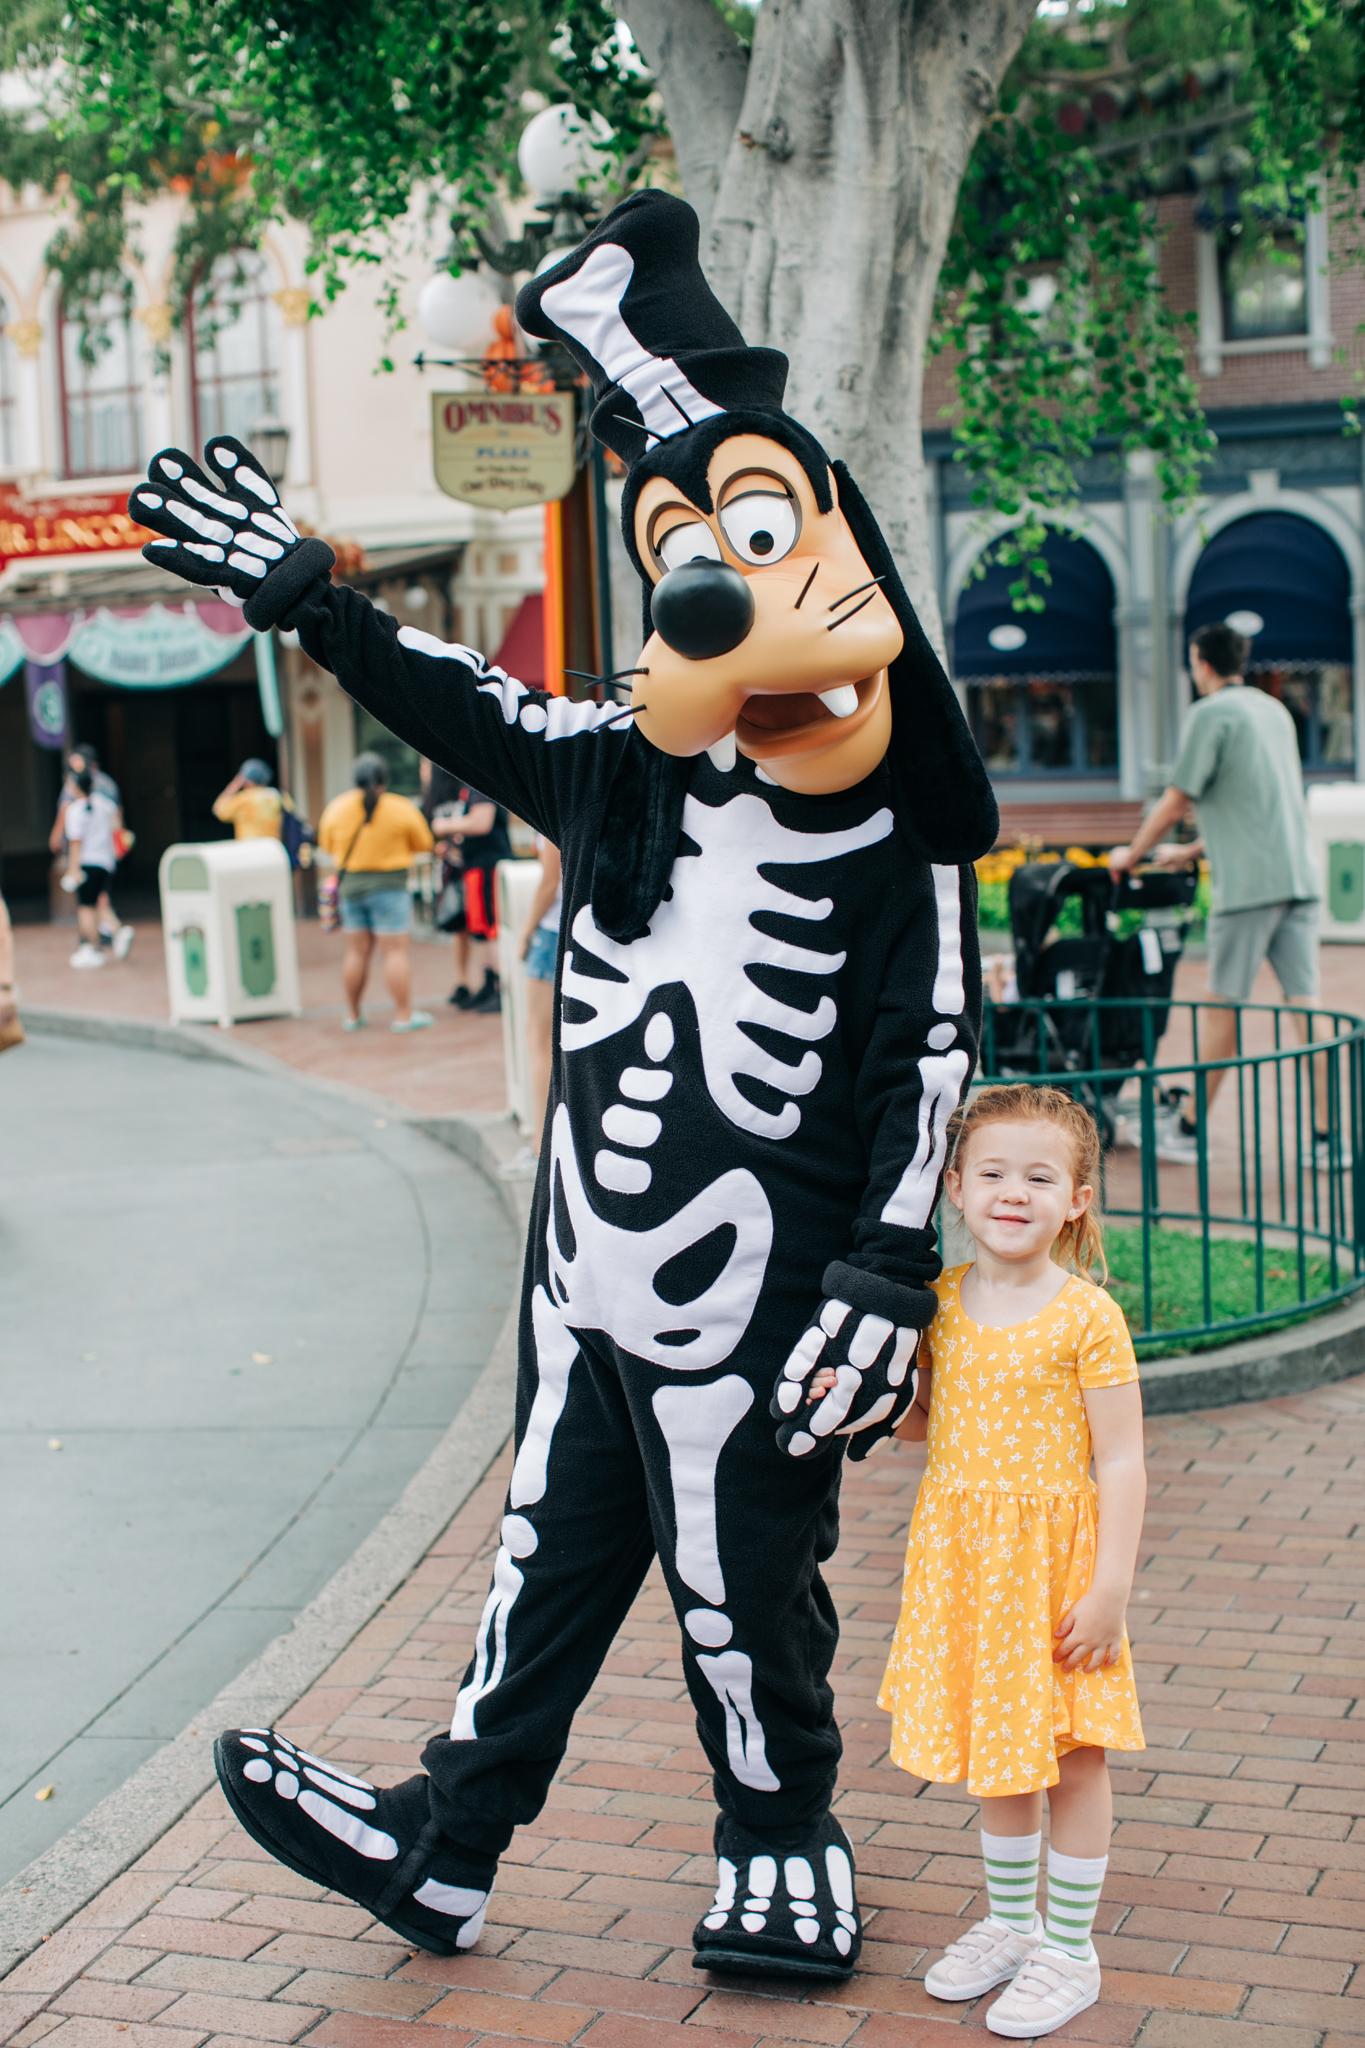 BabyBoyBakery_Disneyland_LilyRo-11.jpg